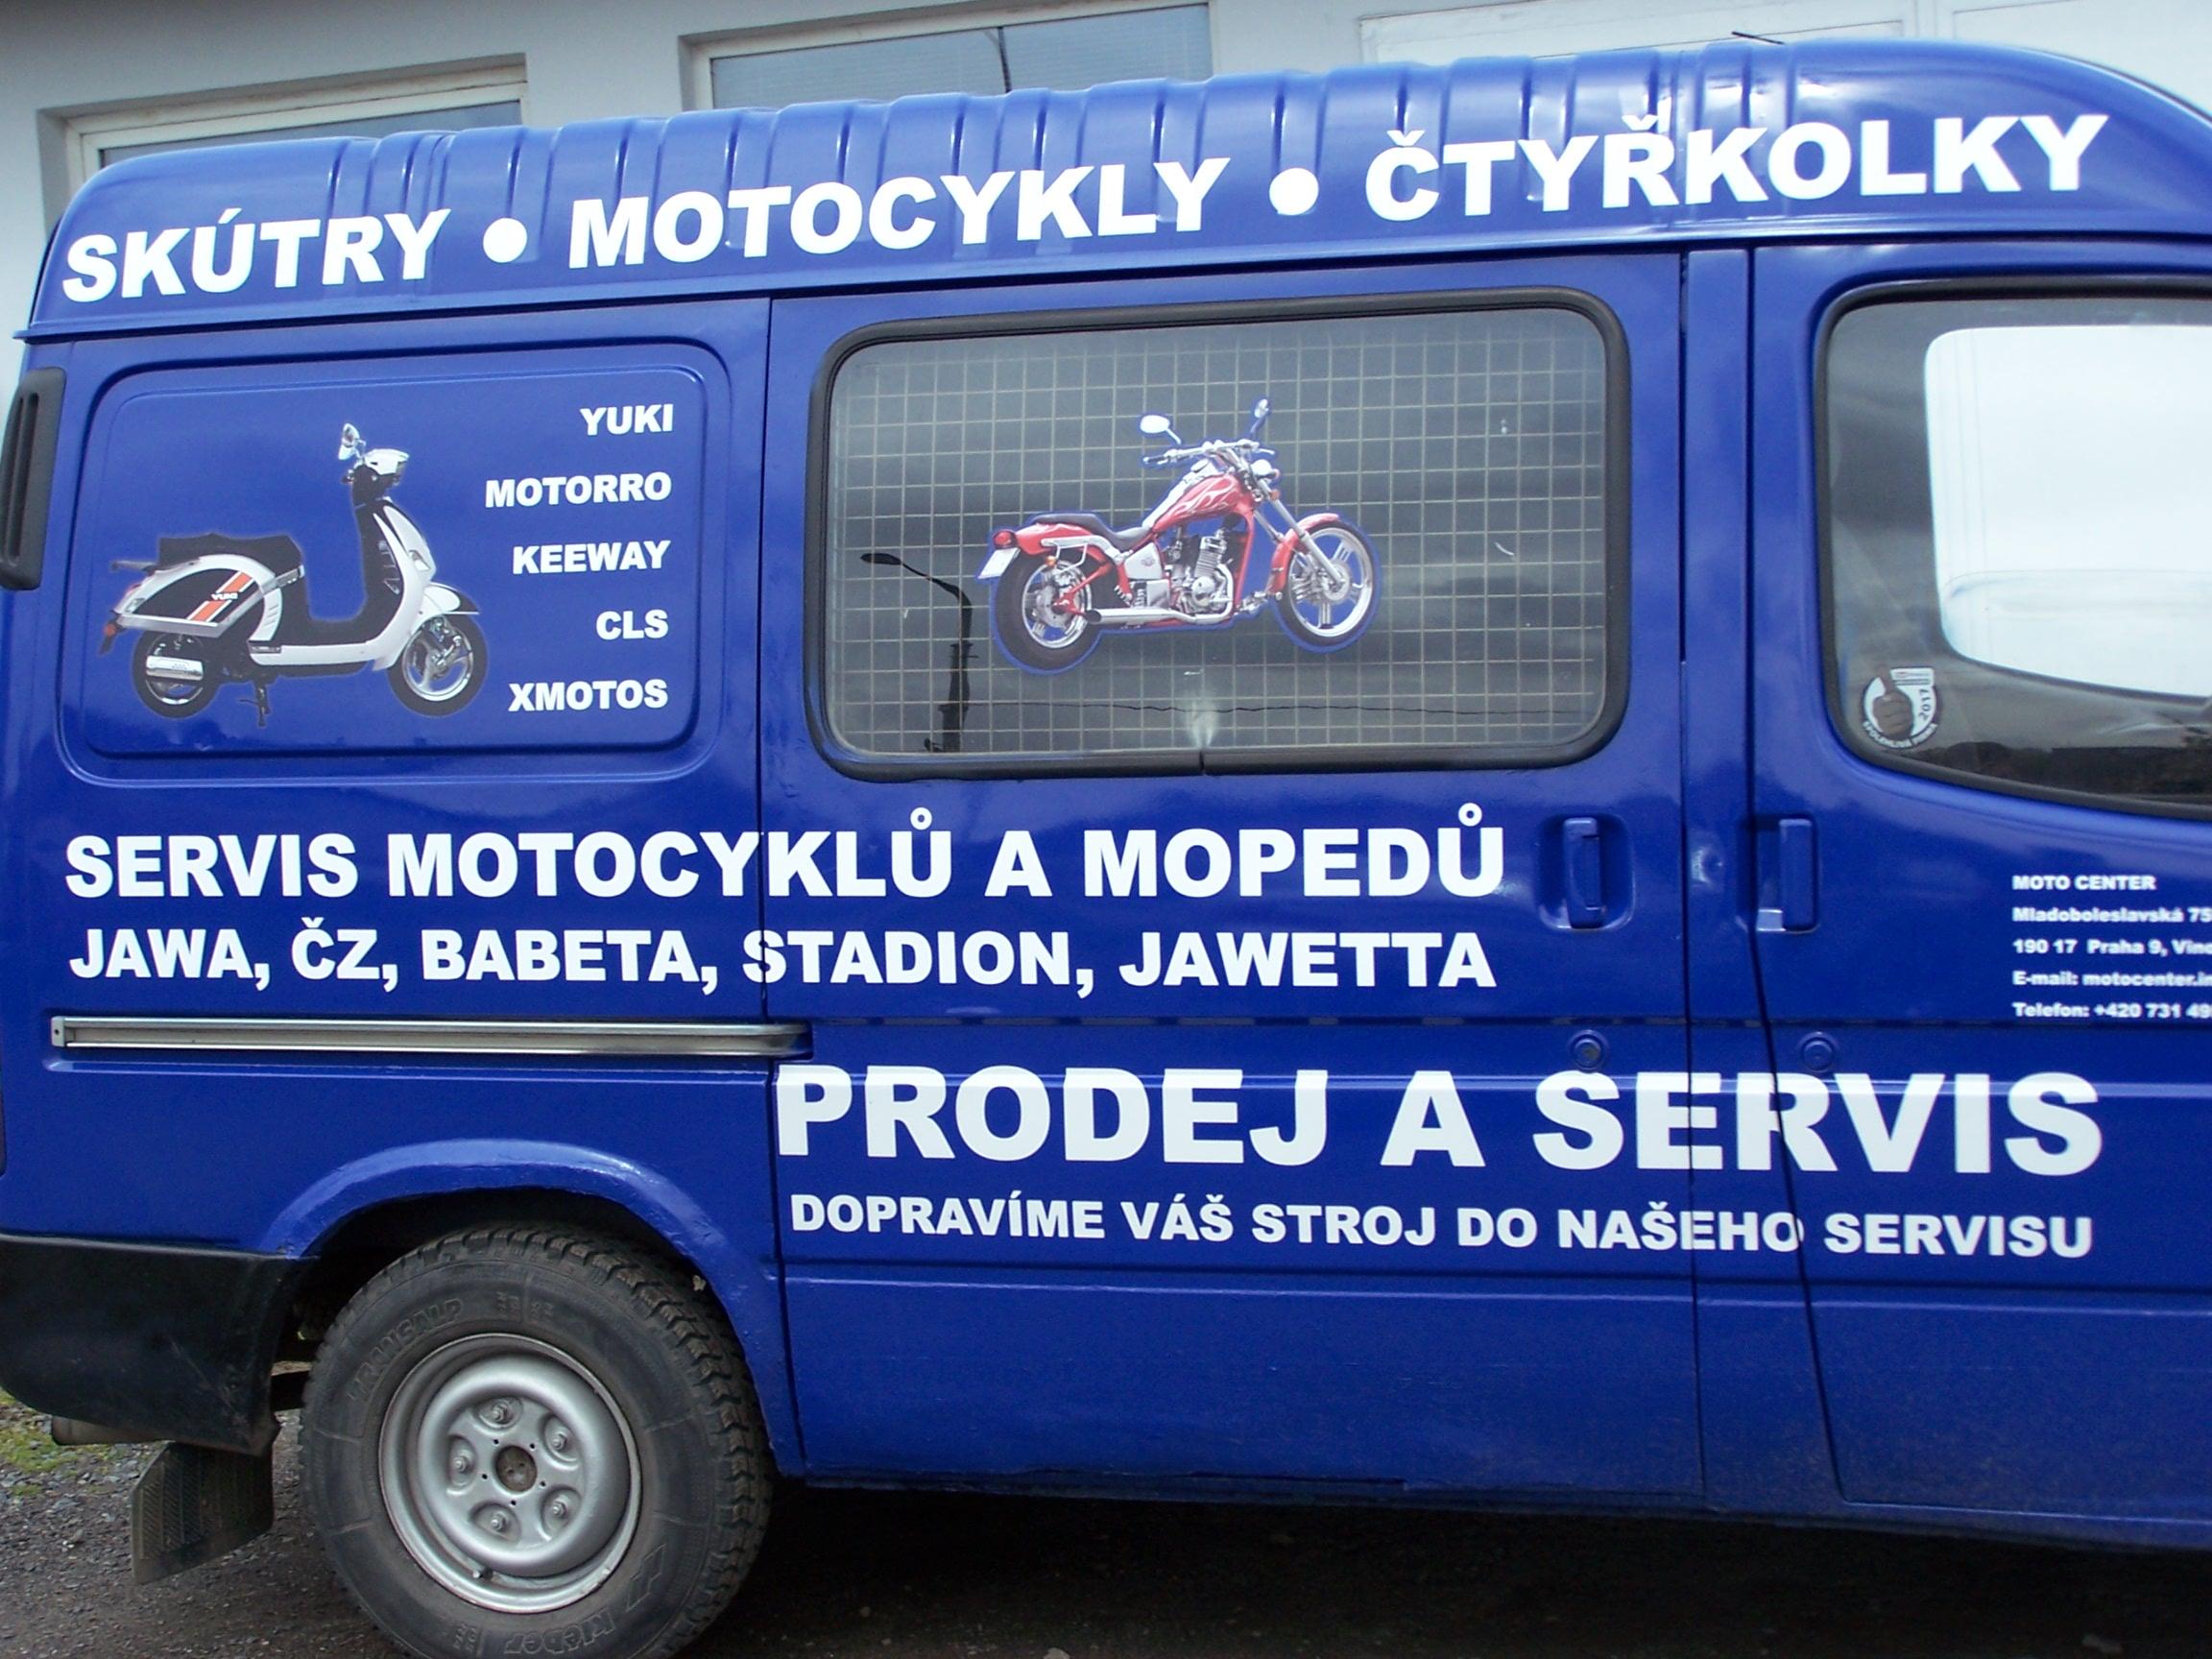 Prodje - skútry, motorky i čtyřkolky, MOTO CENTRUM Praha - Stanislav Klement